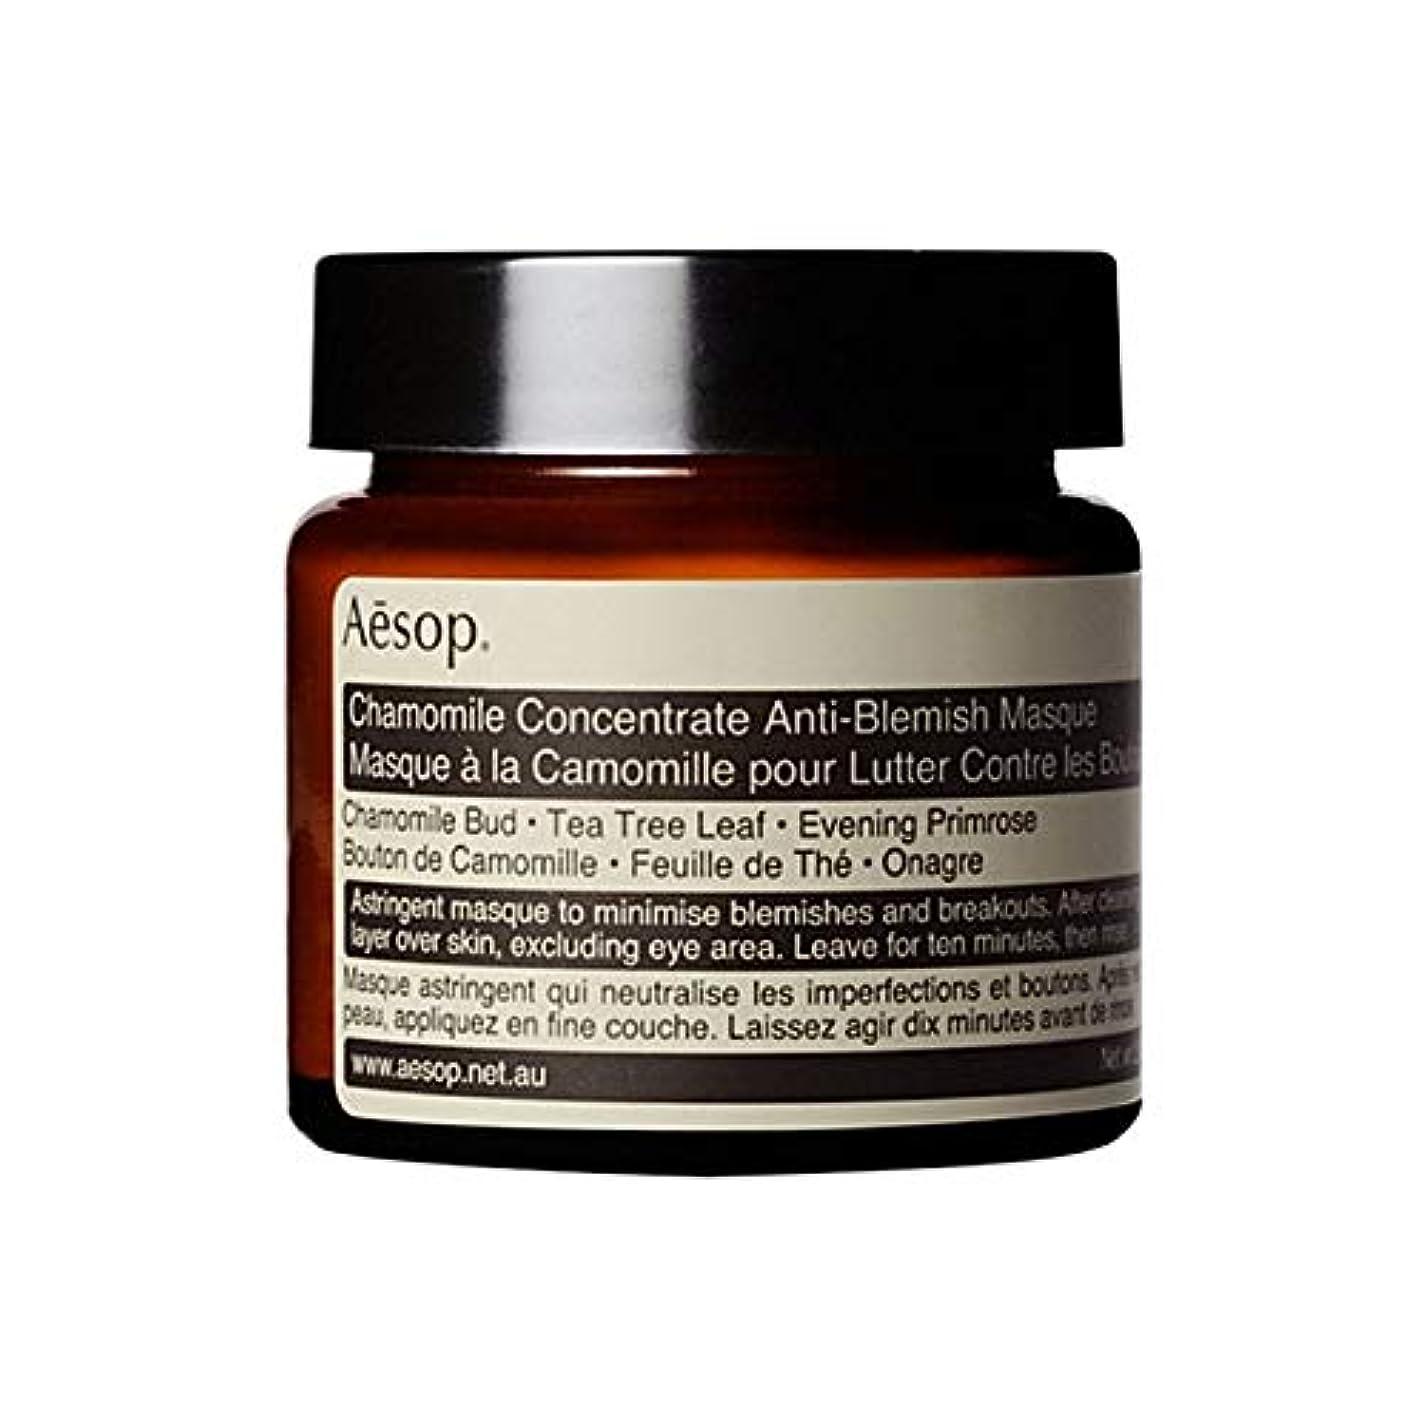 前提ドループショルダー[Aesop] イソップのカモミール濃縮抗傷仮面の60ミリリットル - Aesop Chamomile Concentrate Anti-Blemish Masque 60ml [並行輸入品]